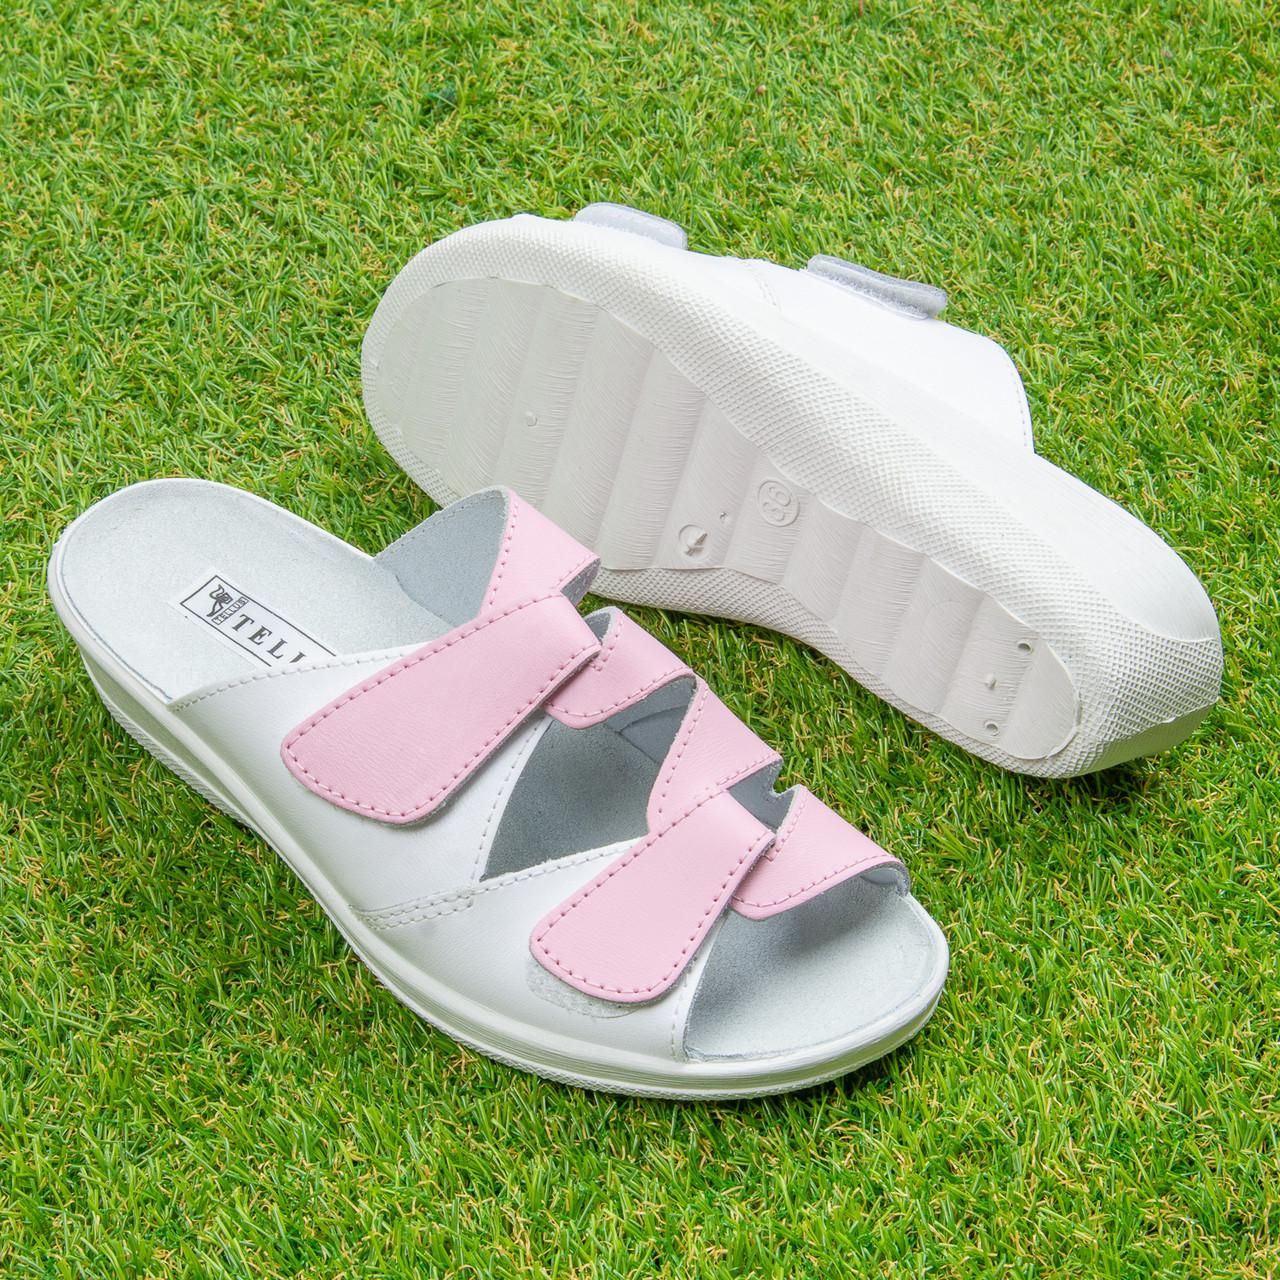 Женские кожаные открытые тапочки Tellus  51-07-07WPI Бело-розовые